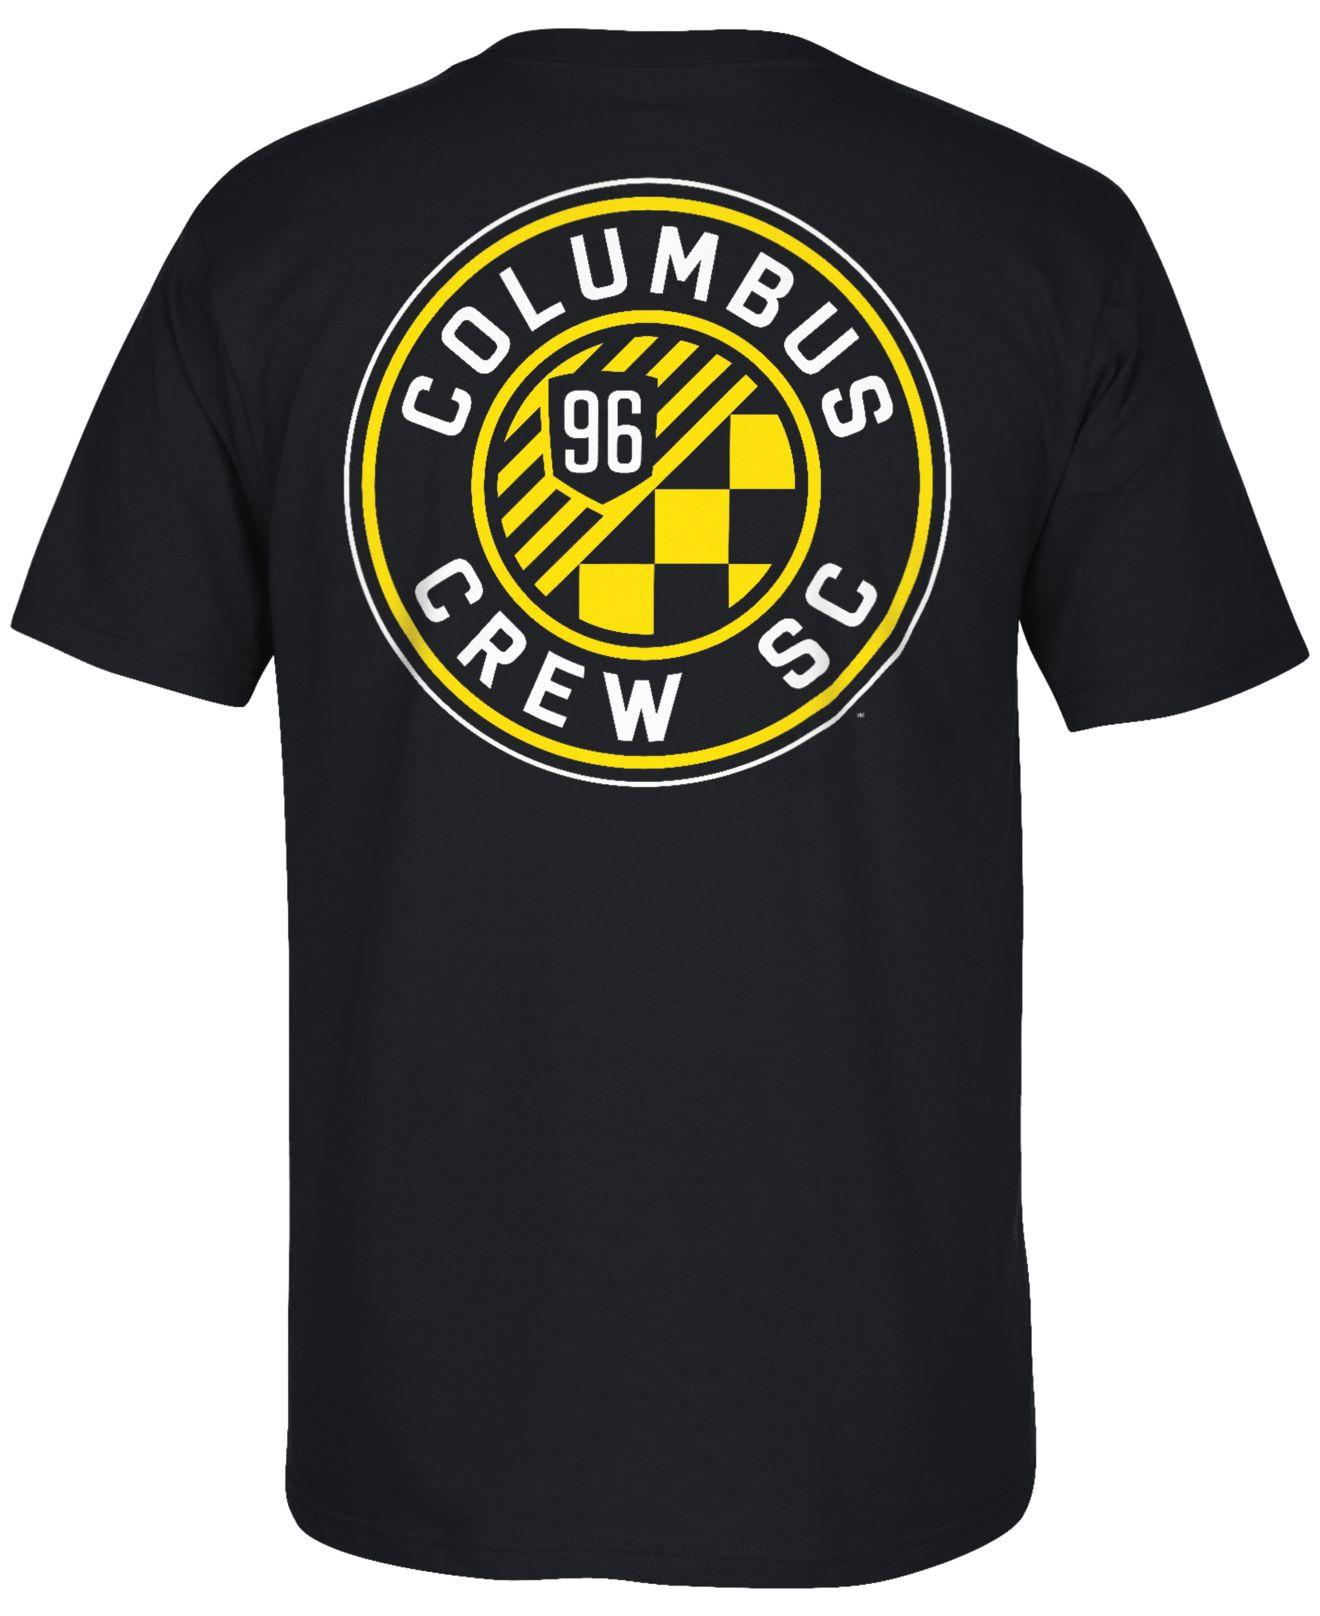 Adidas originals men 39 s columbus crew primary one t shirt for Columbus ohio t shirt printing